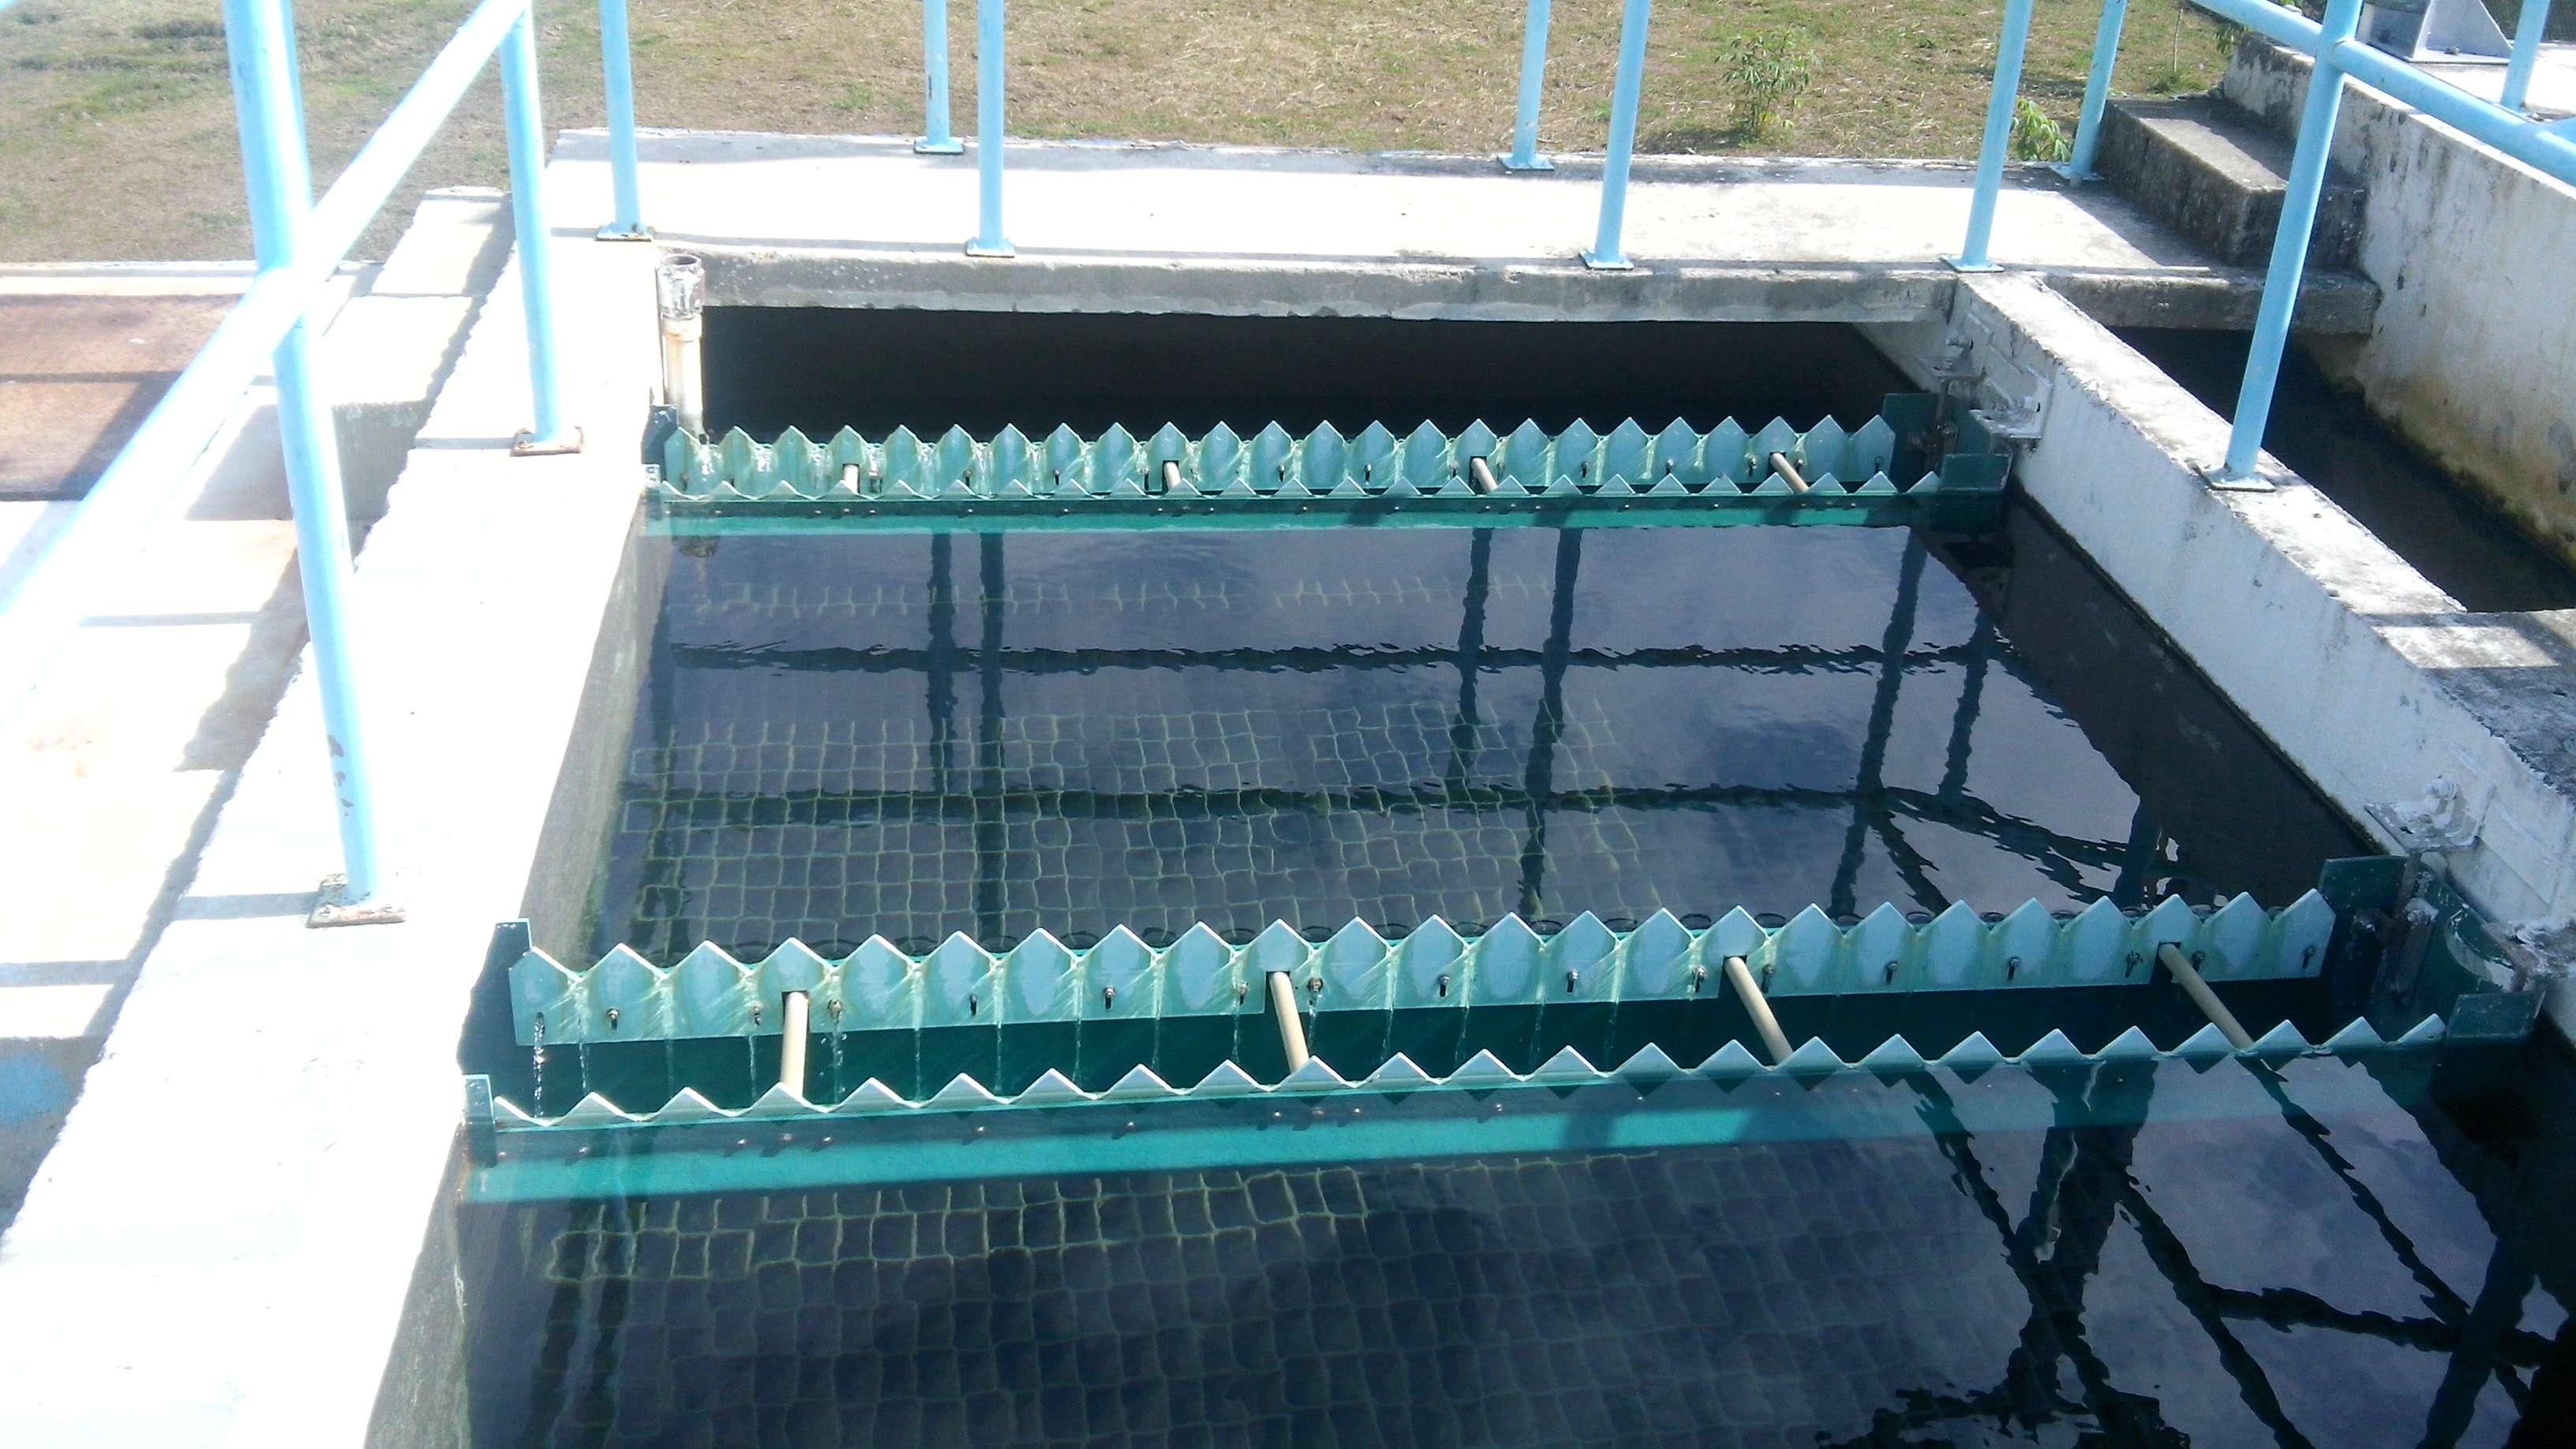 El I daan recomienda a todos sus usuarios residentes en los sectores que se verán afectados a hacer un uso racional dé agua.